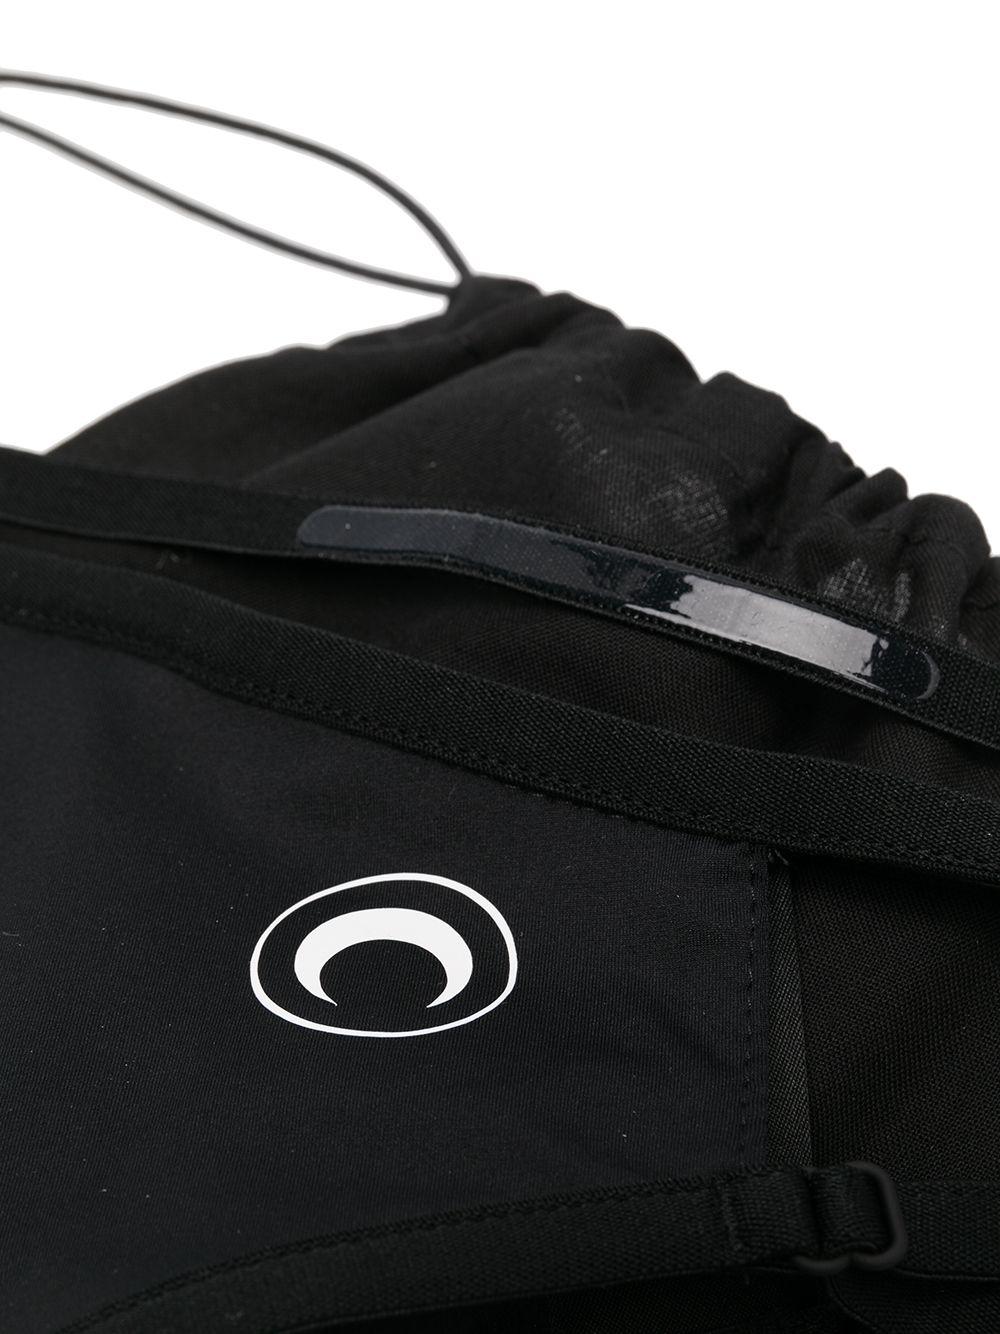 logo mask unisex black MARINE SERRE | Face Mask | A059ICONX-JERPA000851-00